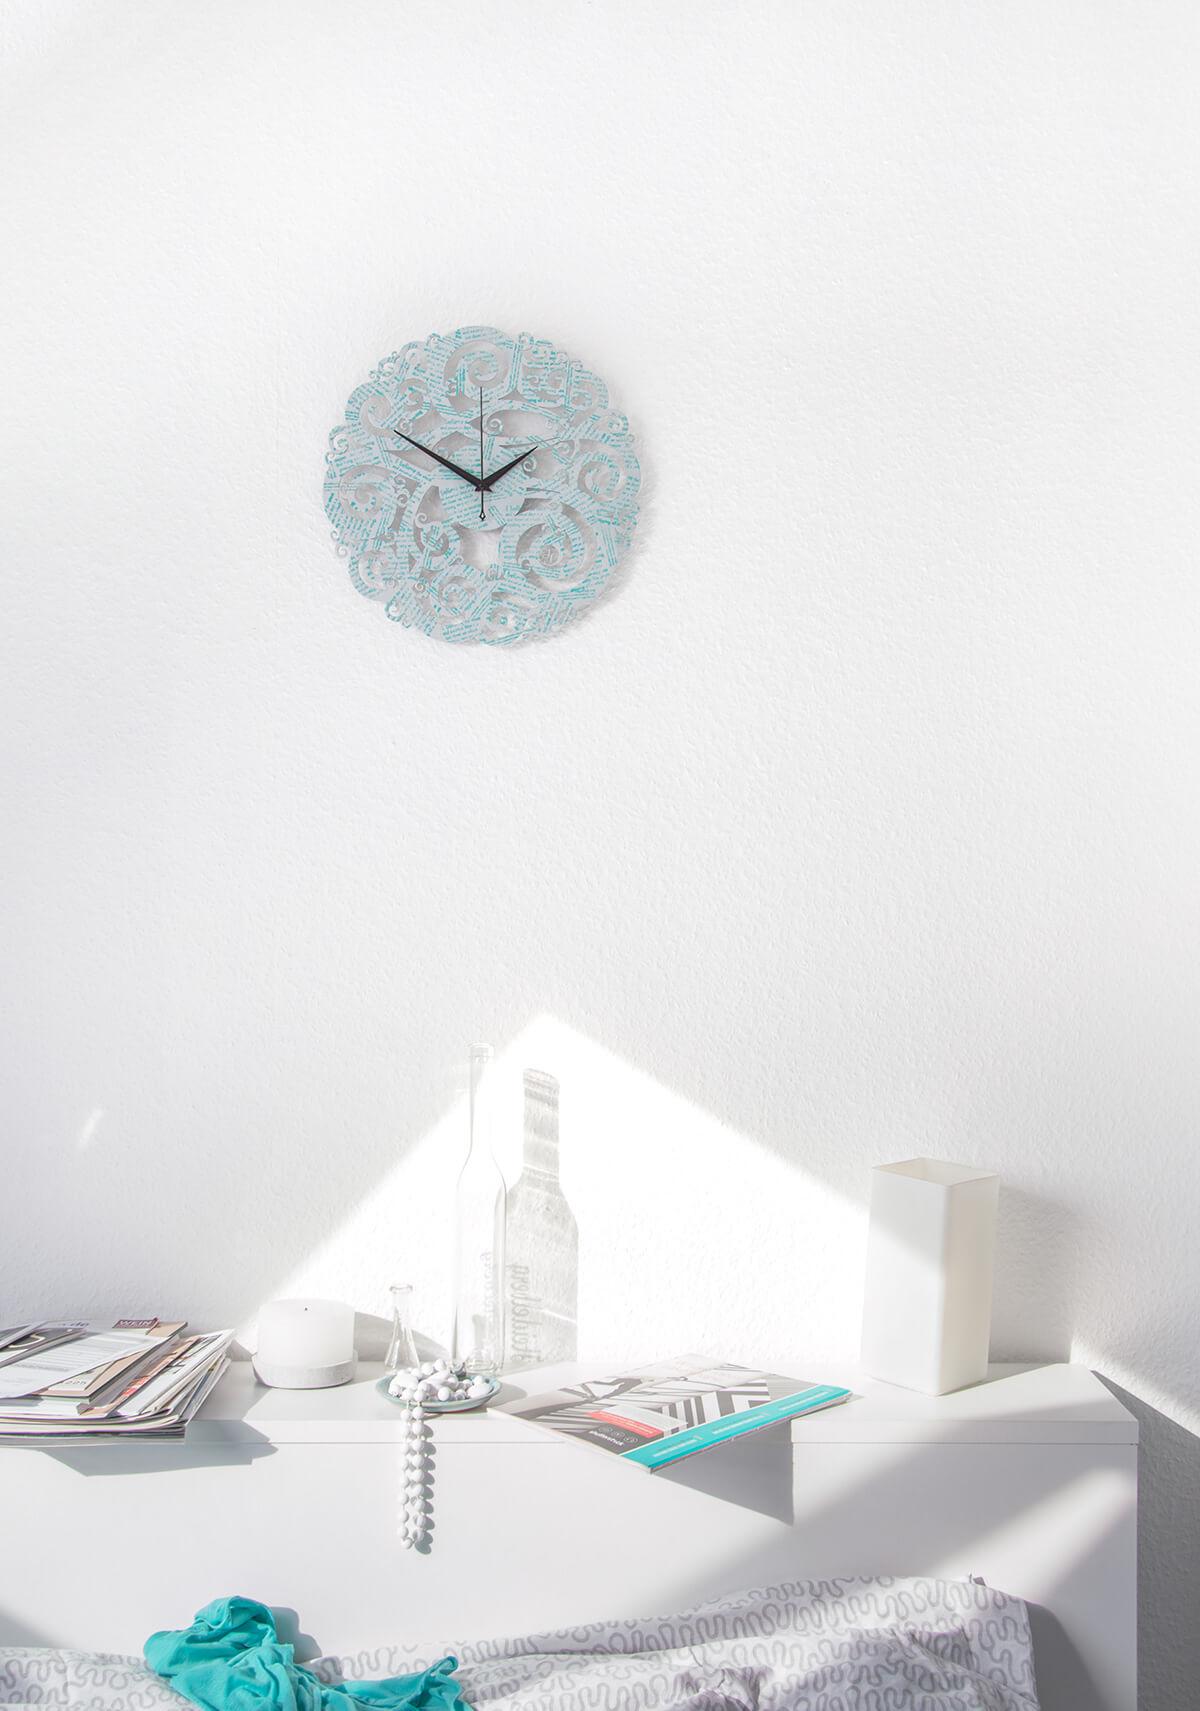 au ergew hnliche wanduhr in silber und turkis i believe iii wanduhren design atelier. Black Bedroom Furniture Sets. Home Design Ideas